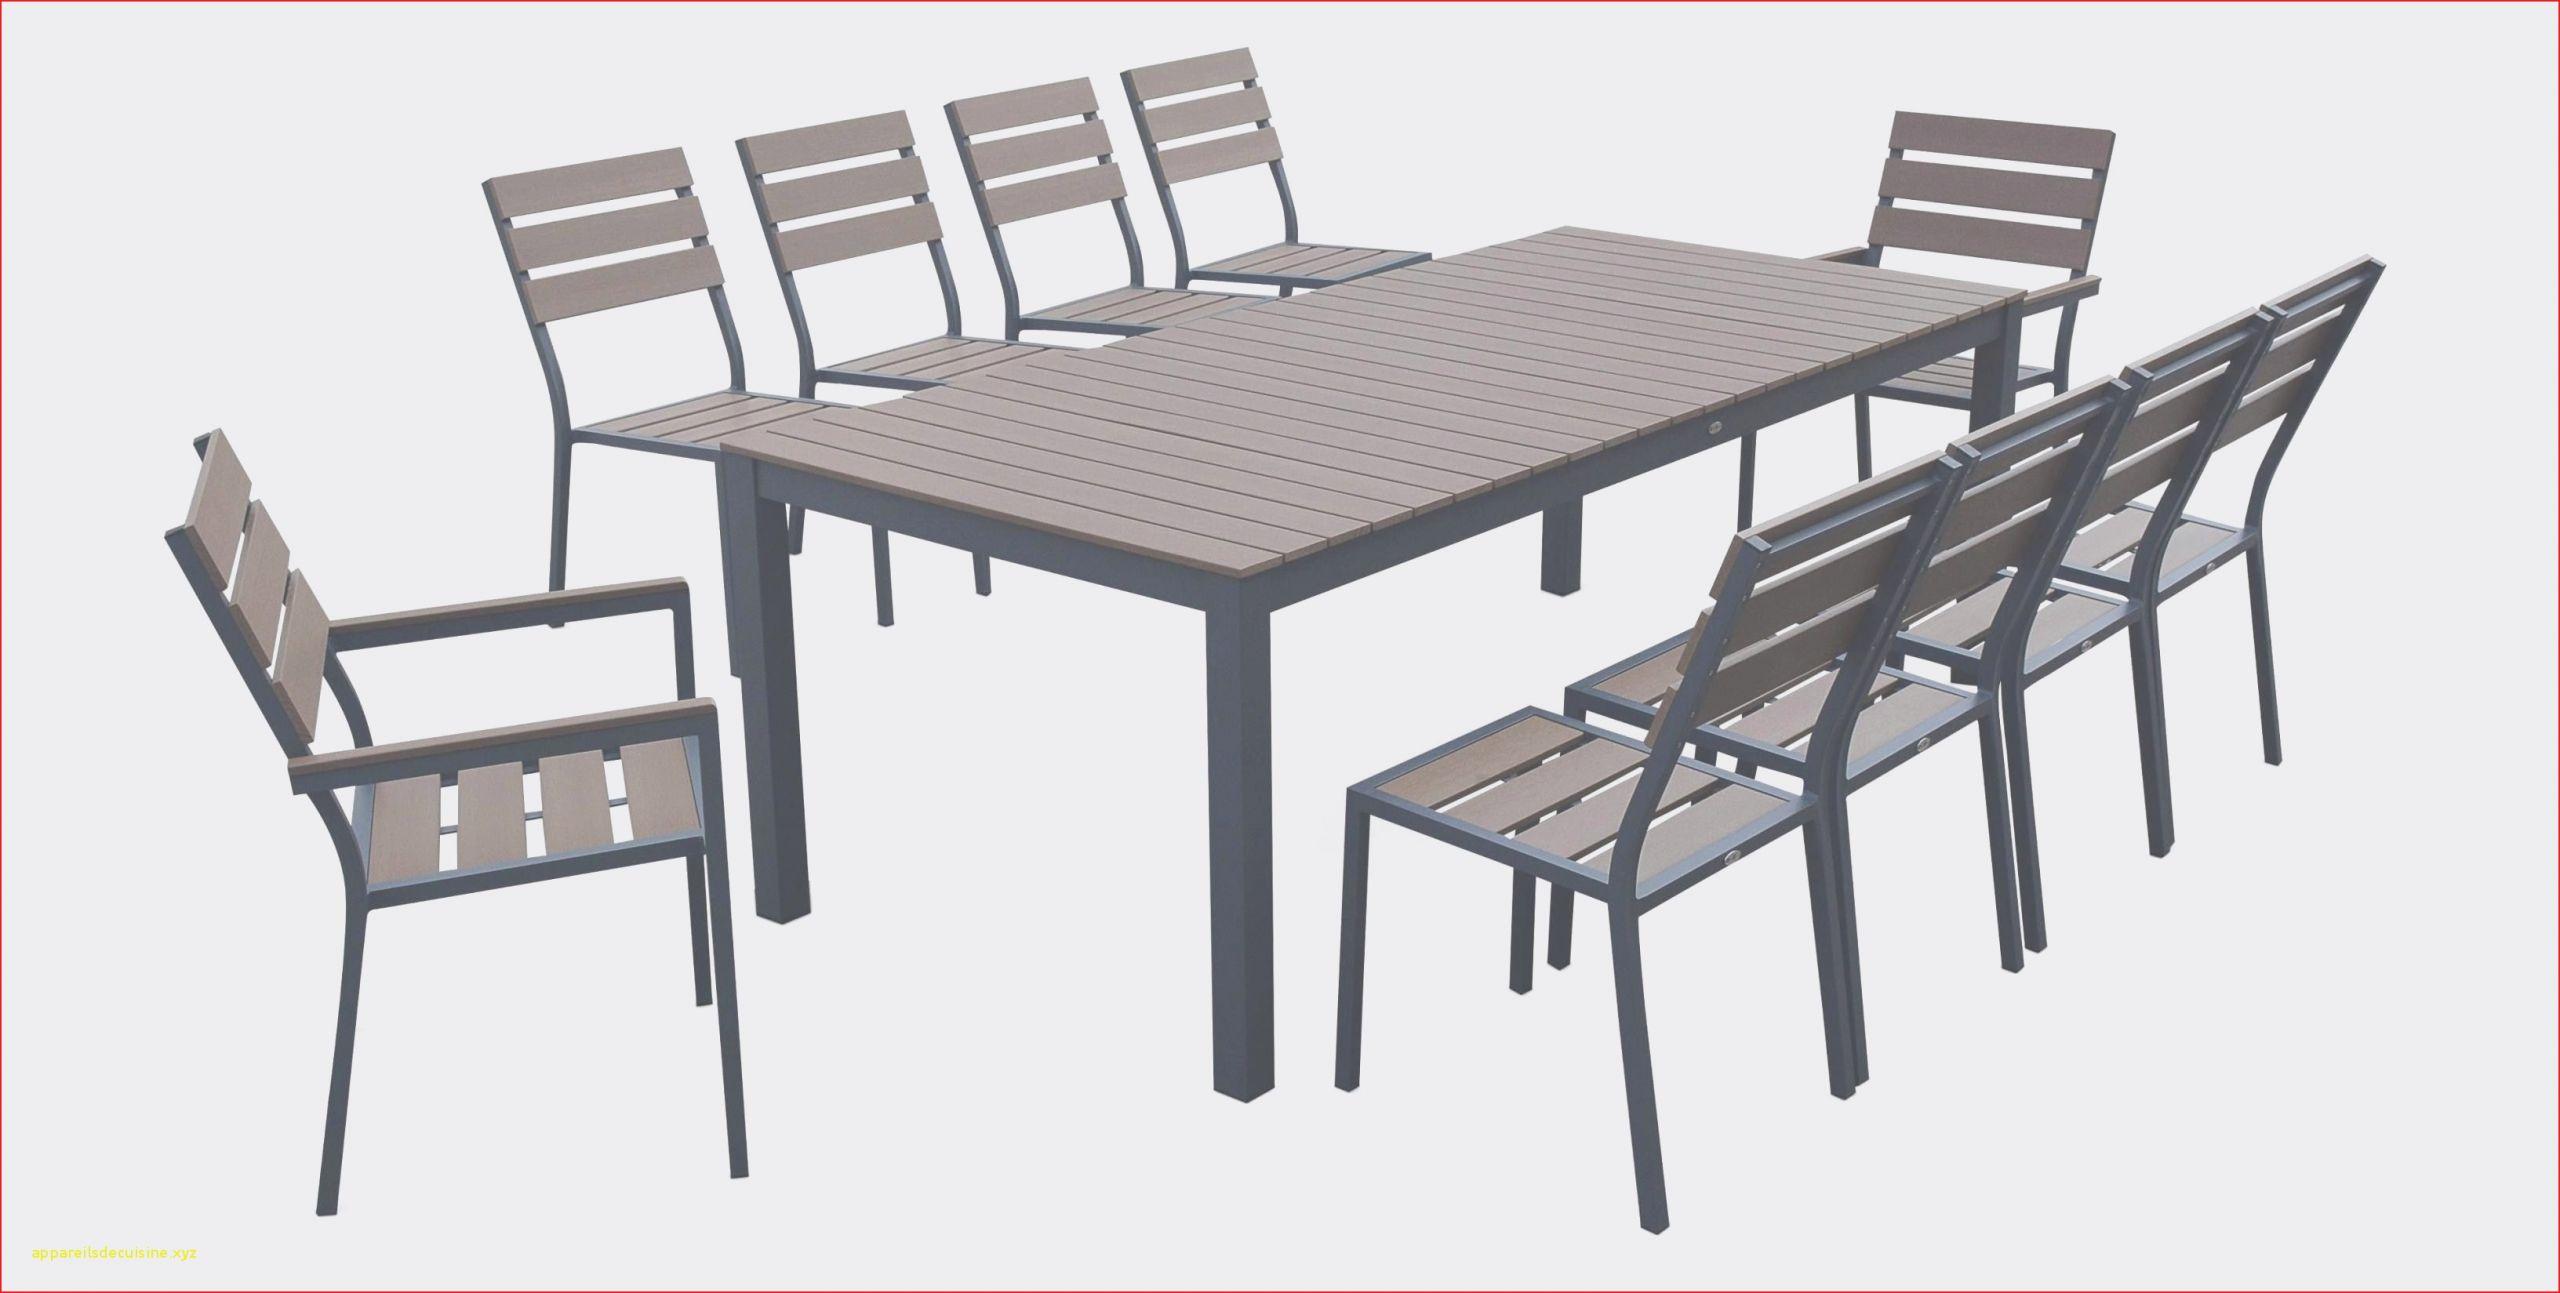 Table Et Chaise De Jardin Aluminium Beau Jardin Archives ... concernant Banc De Jardin Aluminium